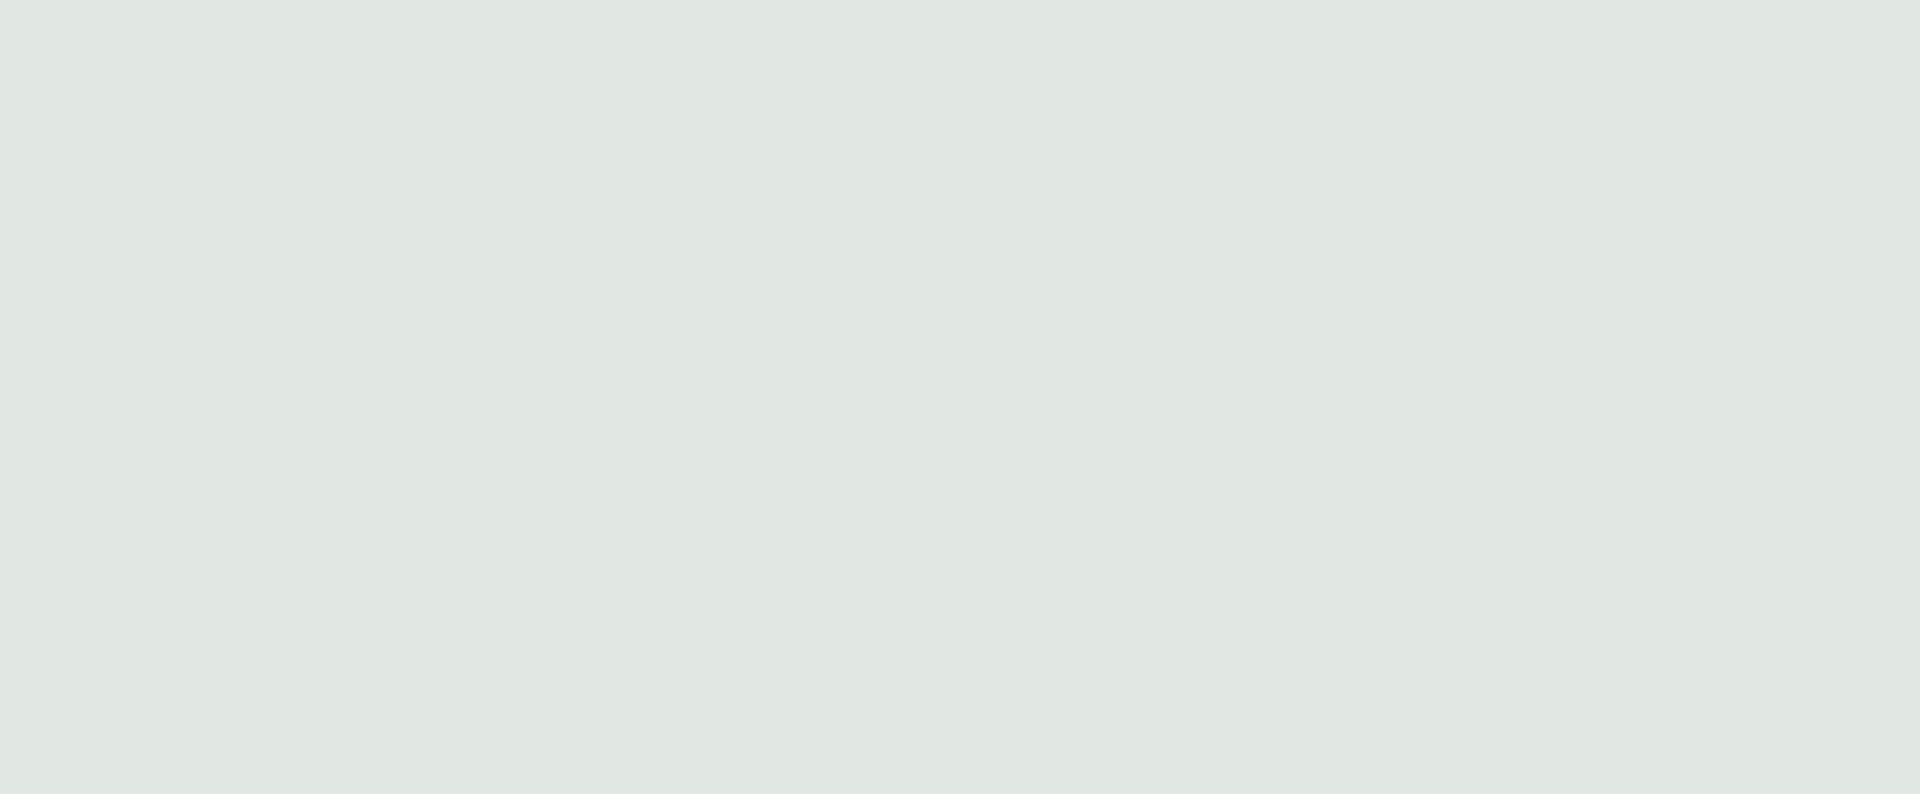 Sliding Image